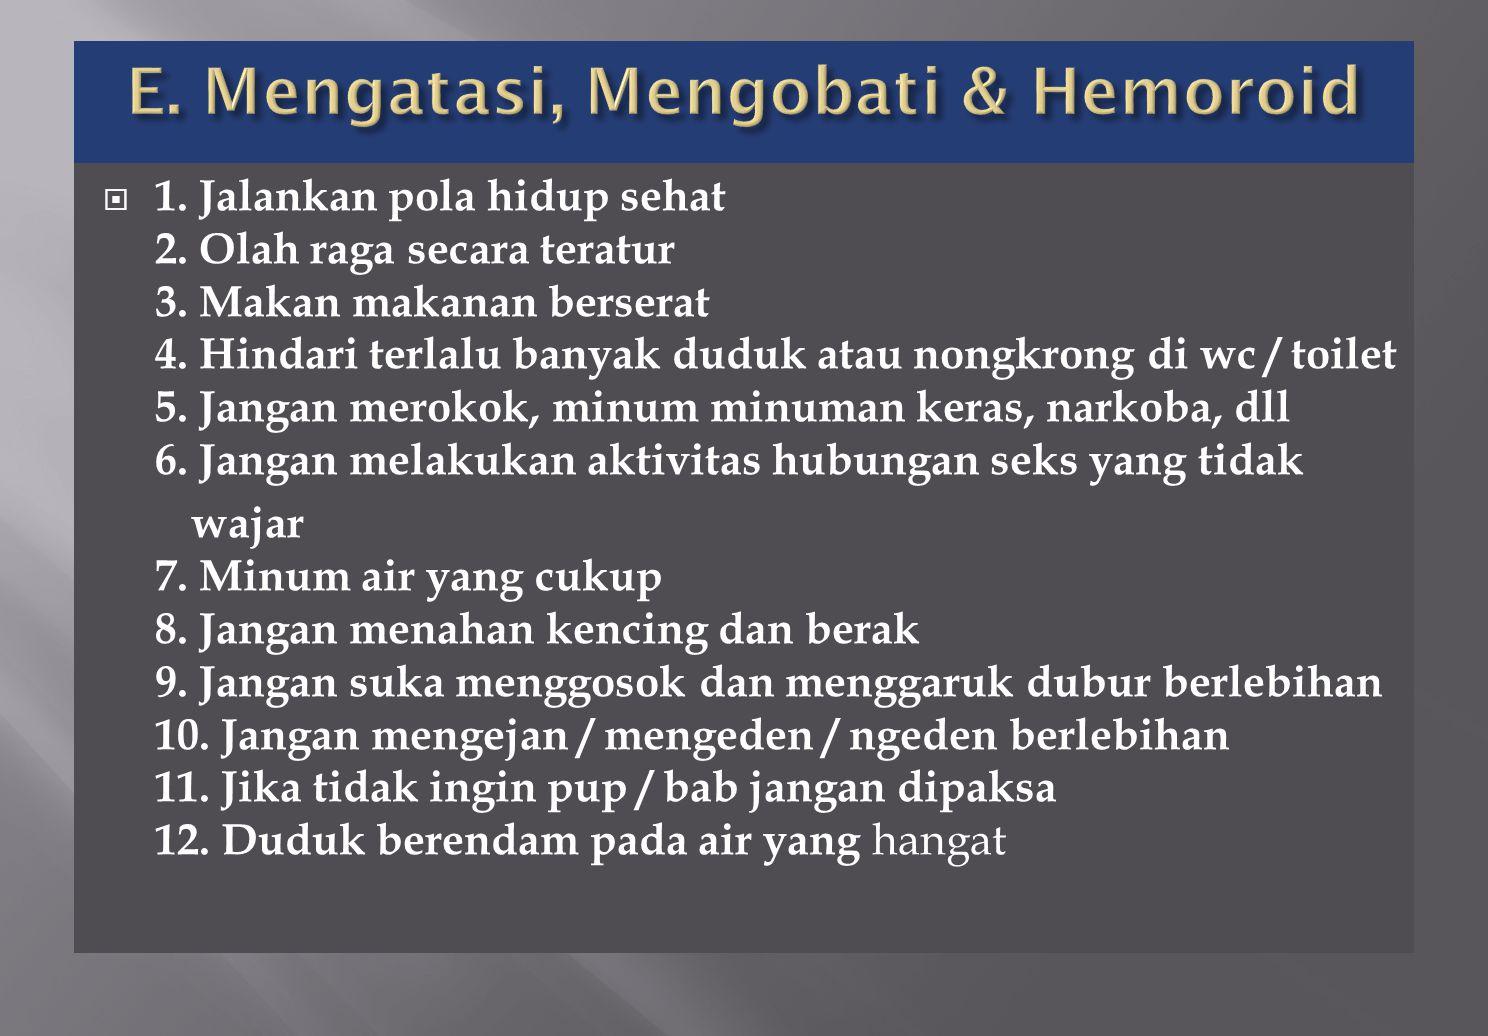 E. Mengatasi, Mengobati & Hemoroid